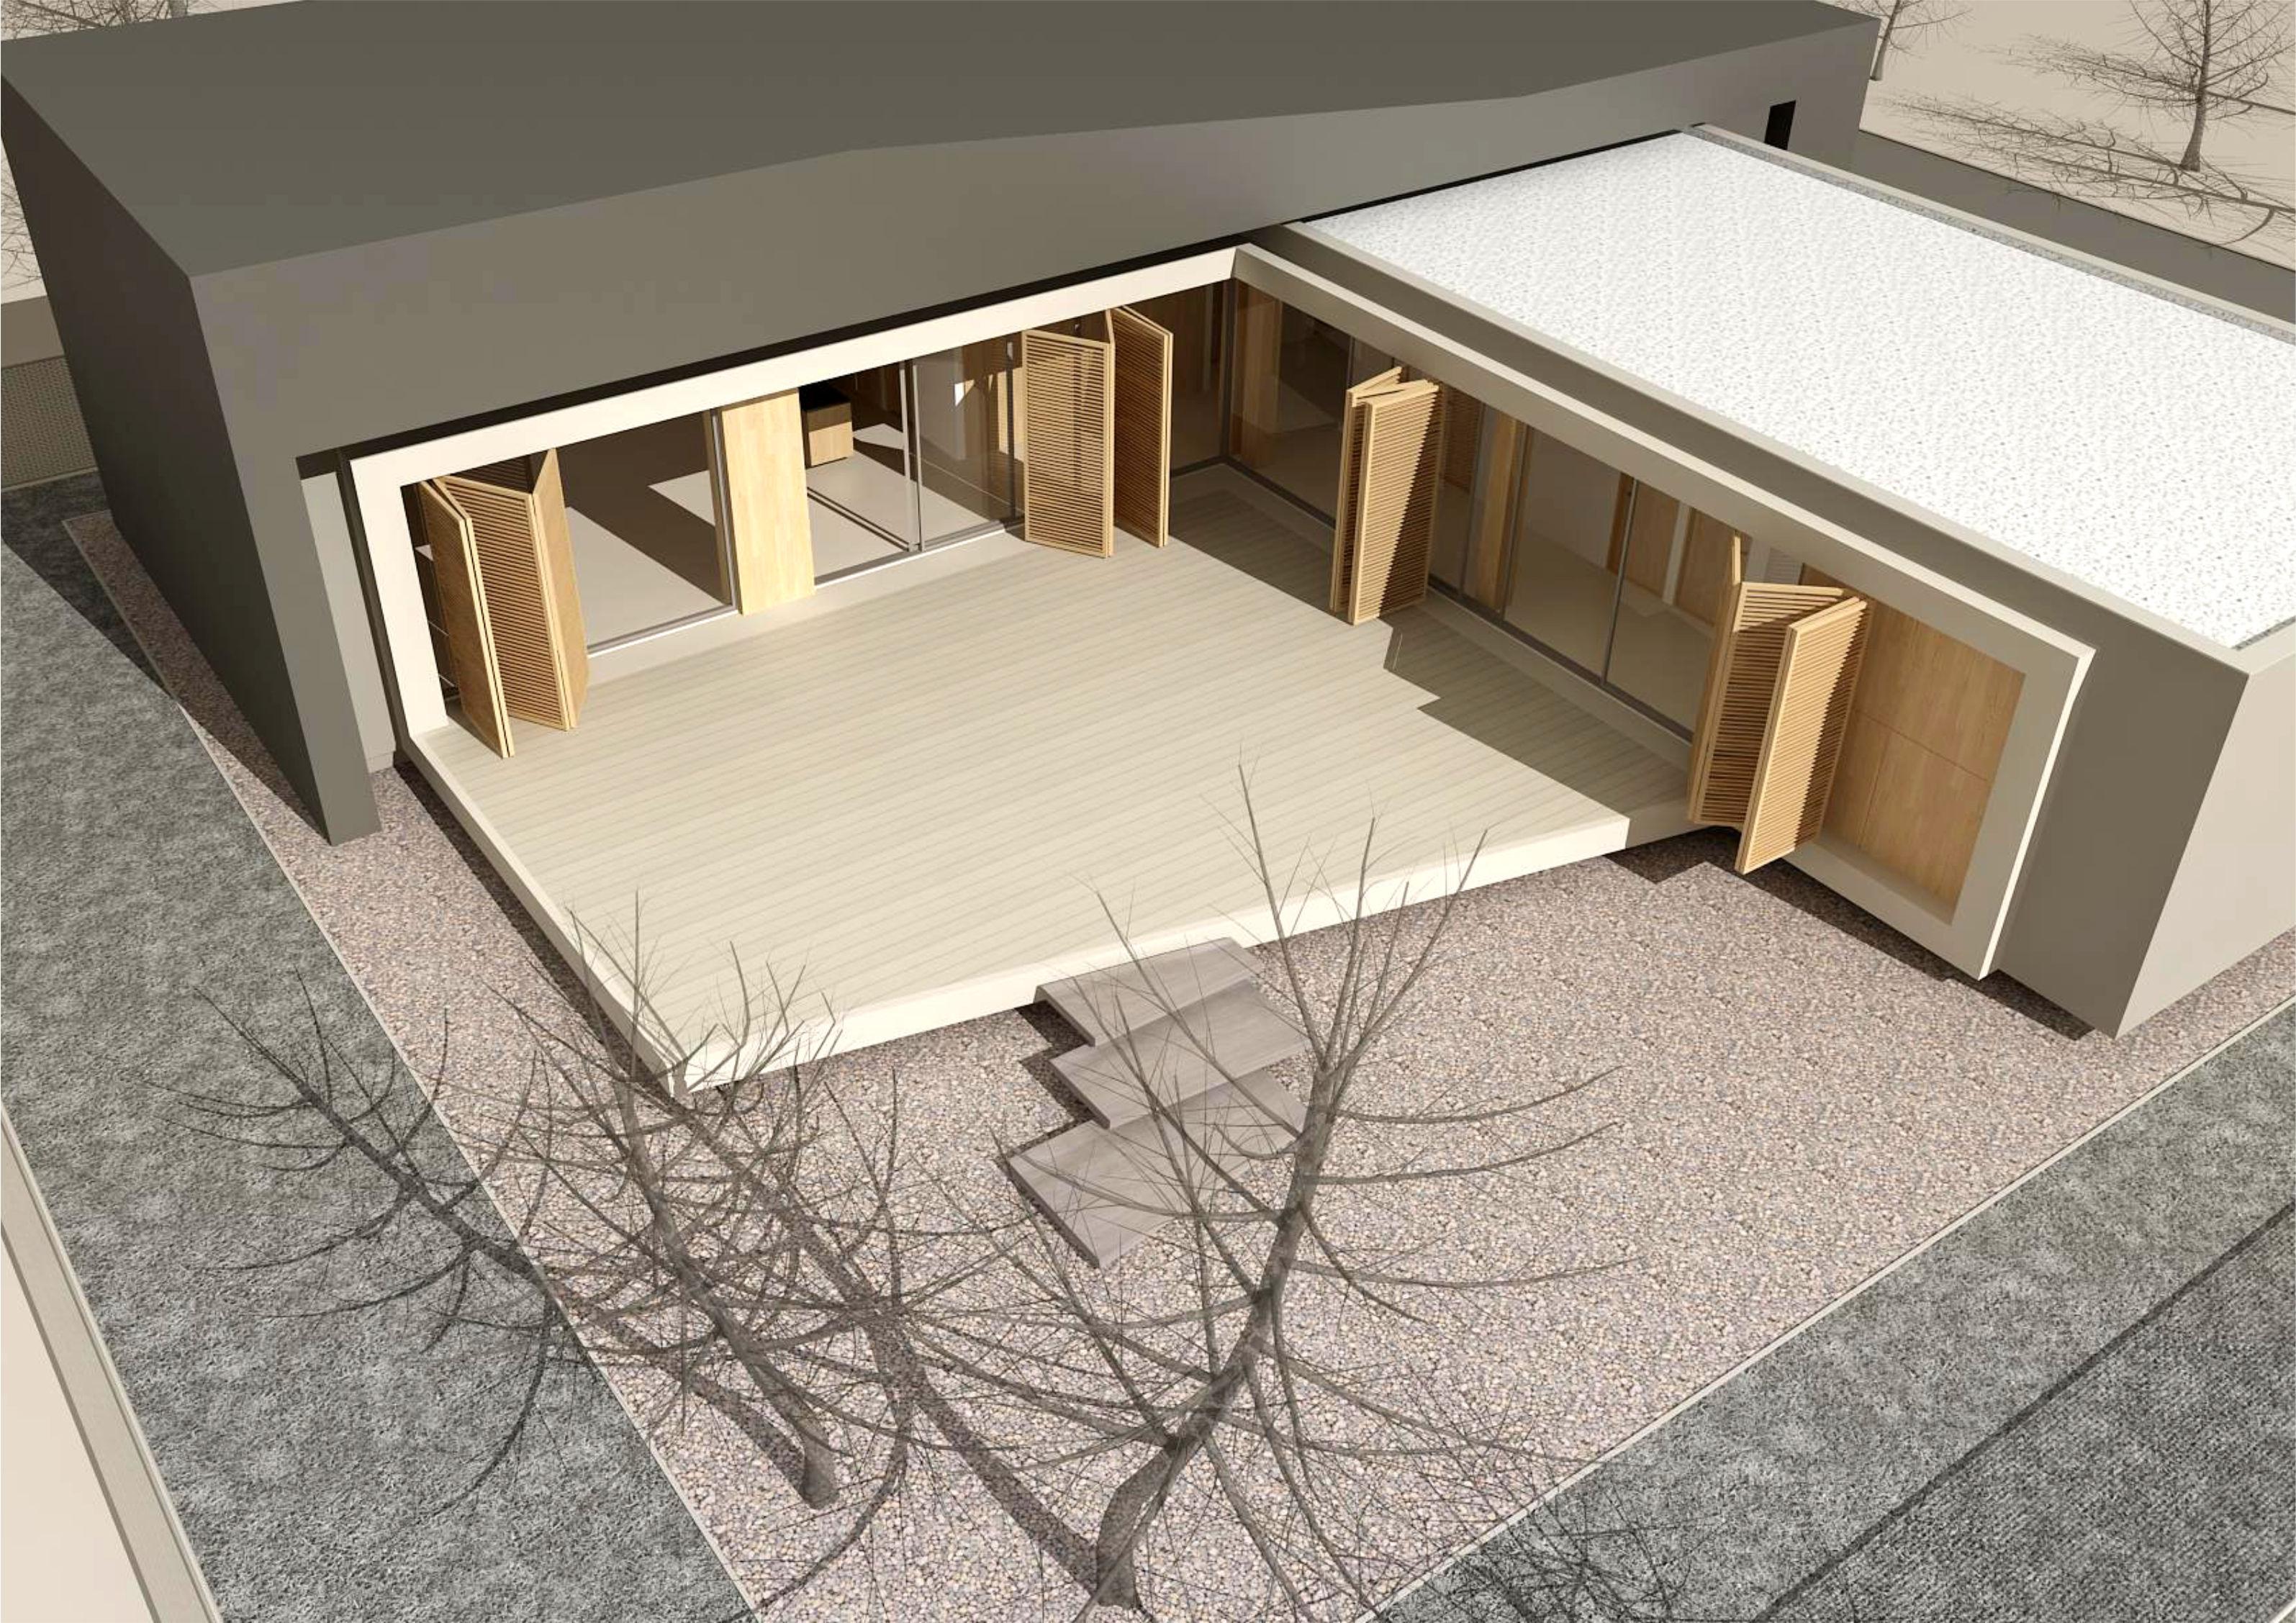 Projekt stavby rodinného domu VII 06